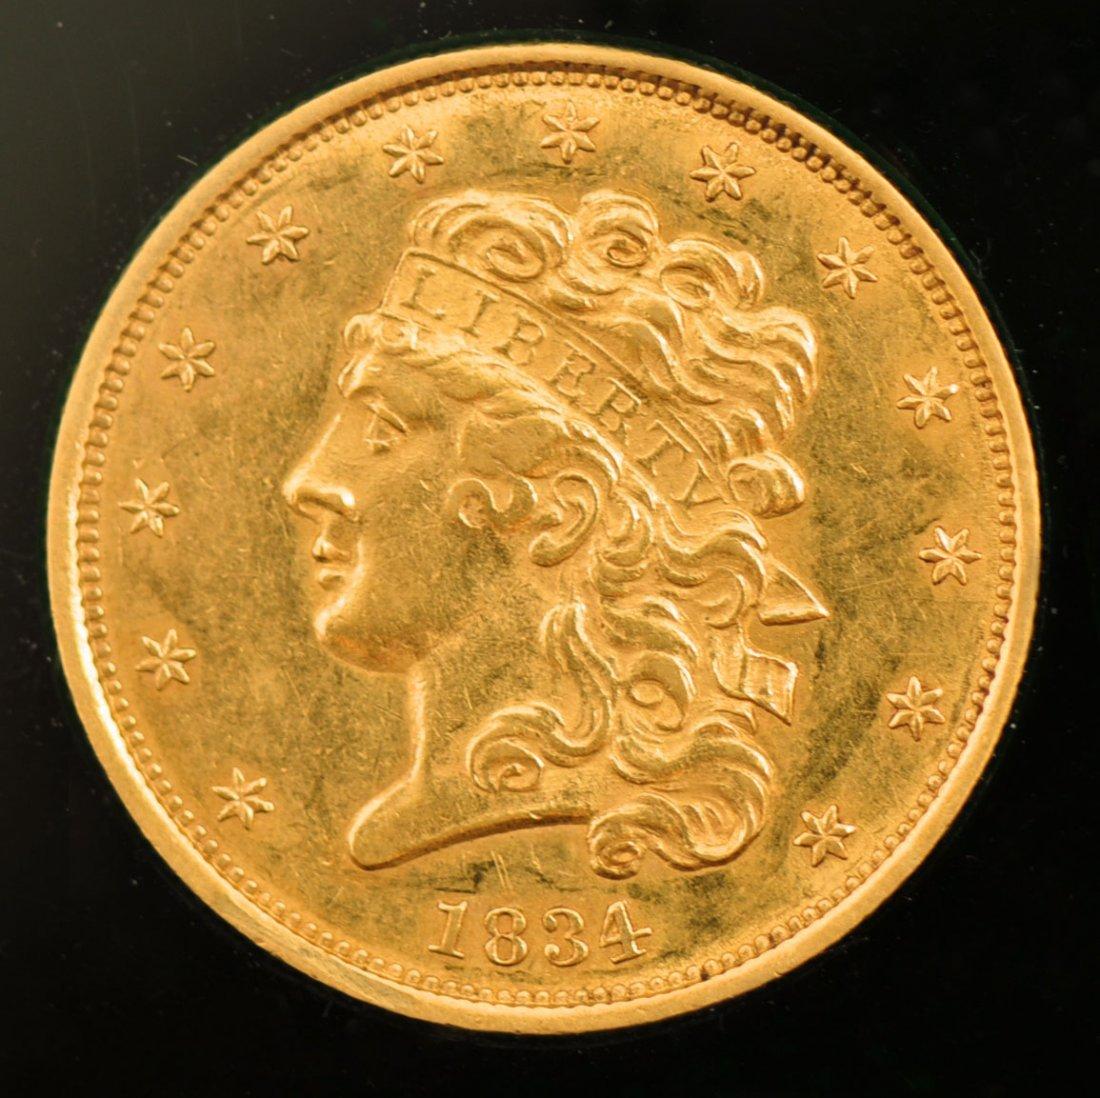 153: 1834 Liberty $5.00 Gold 1/2 Eagle Classic-Plain 4